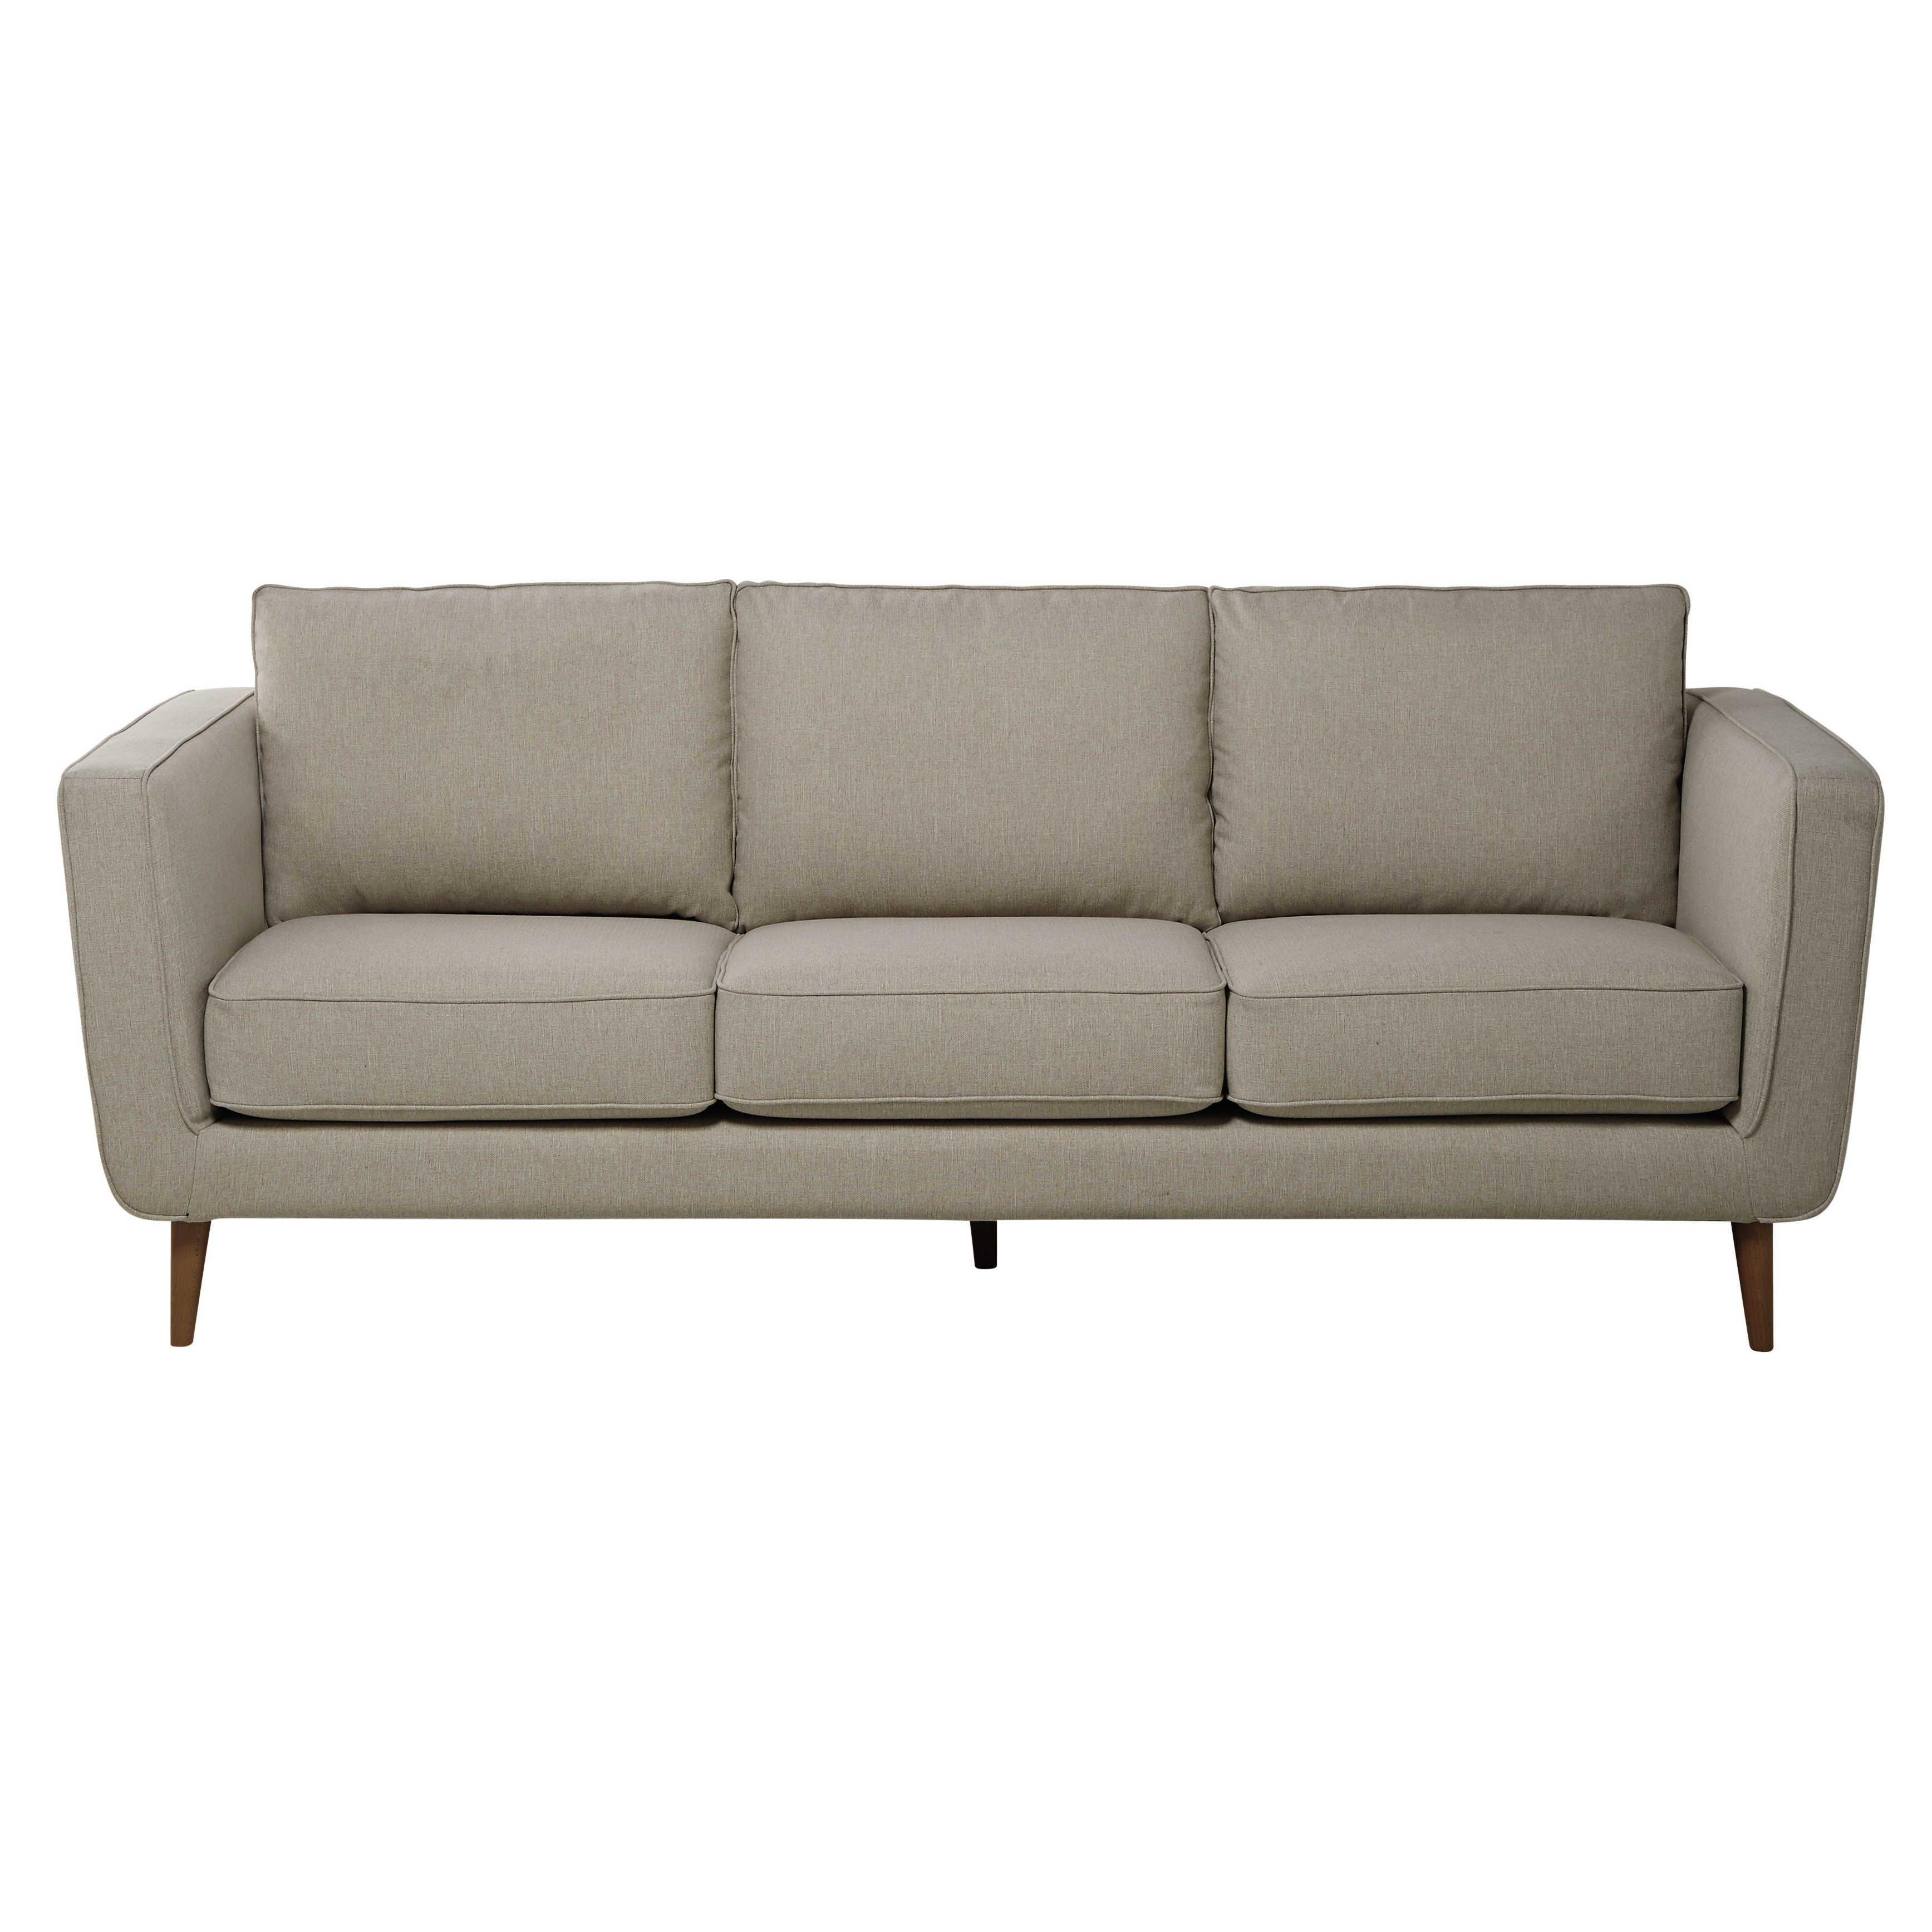 best sof plazas de tela lemans beis mezclilla nils uac maisons du monde with maison du monde le mans. Black Bedroom Furniture Sets. Home Design Ideas